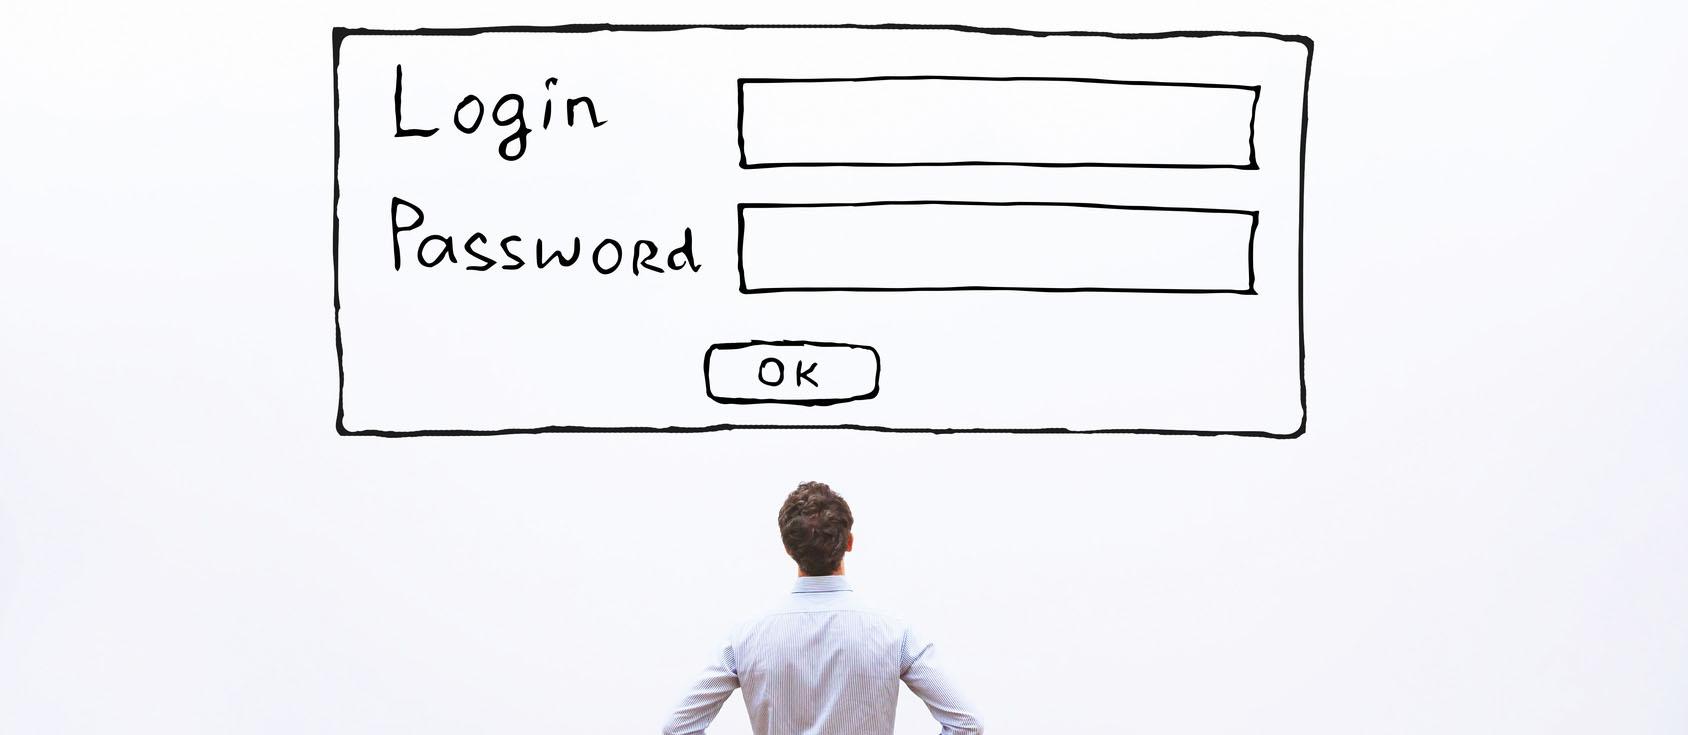 kontrola dostępu do strony internetowej